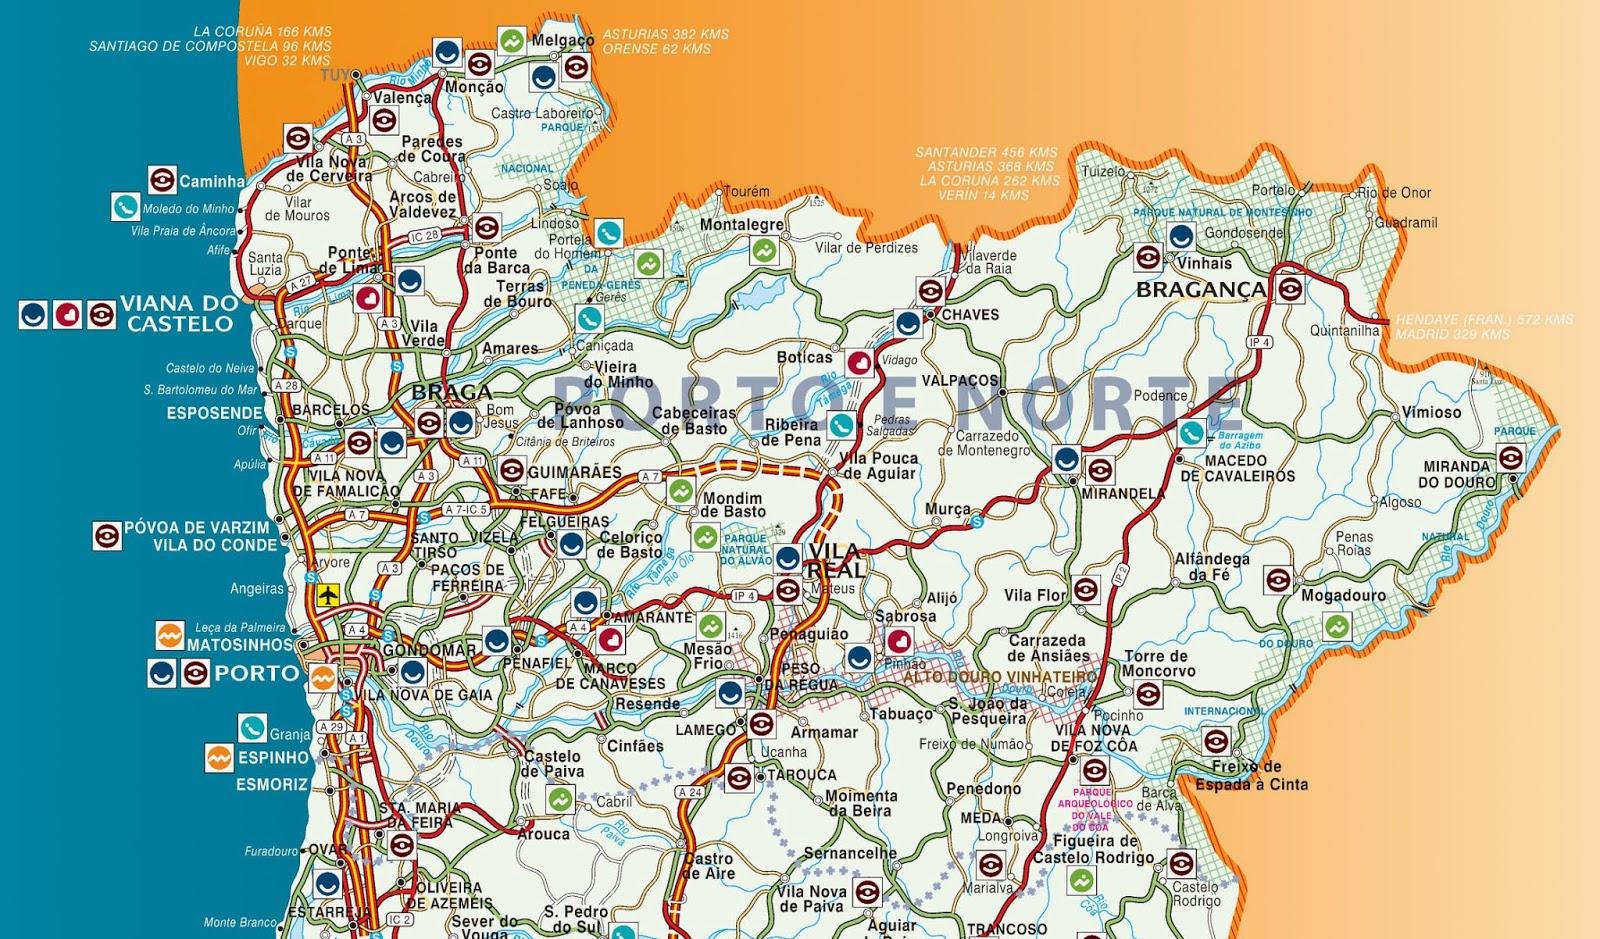 mapa norte de portugal turismo Mapas de Guimarães   Portugal | MapasBlog mapa norte de portugal turismo